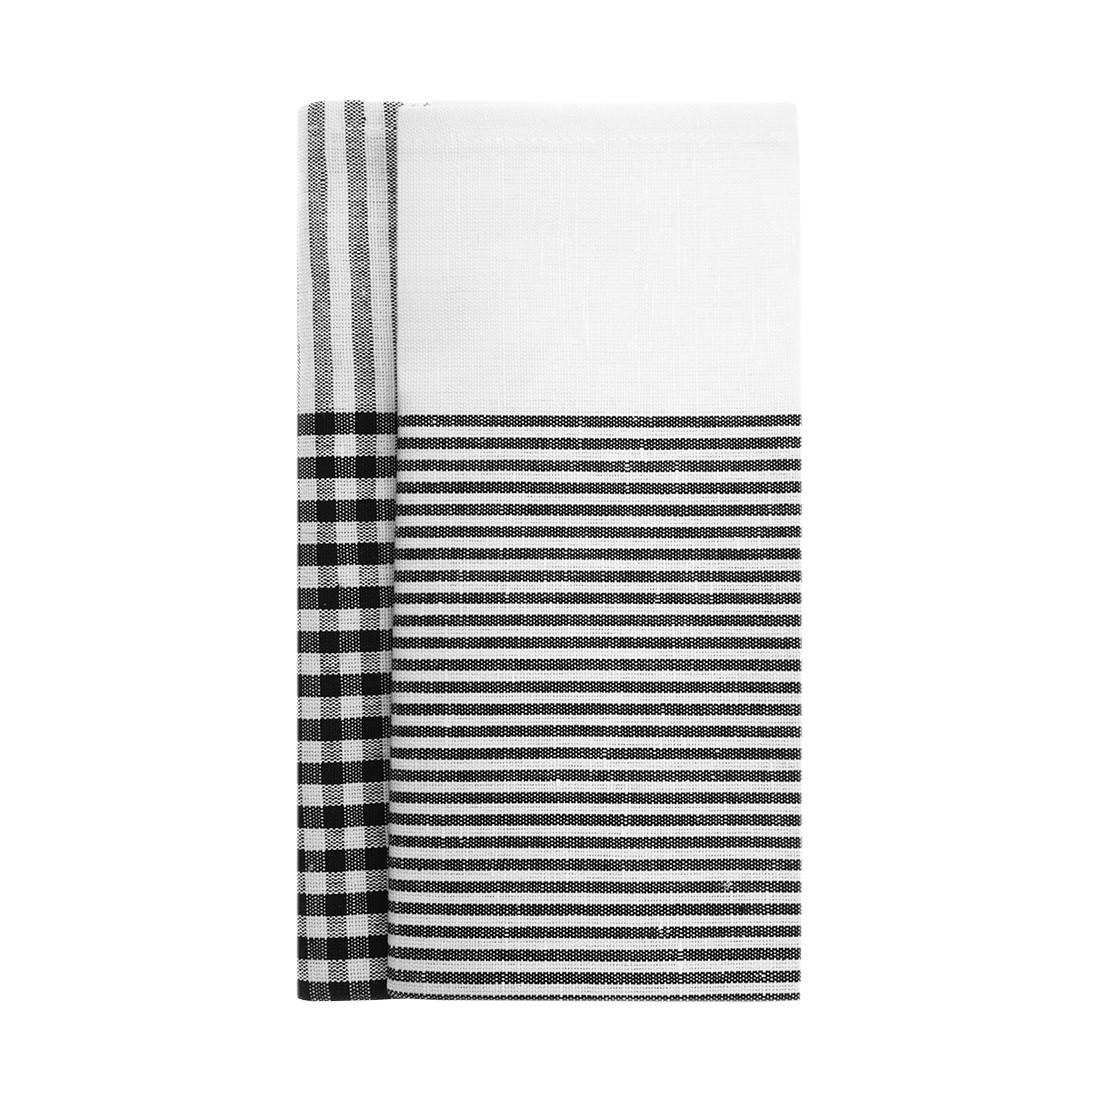 Spültuch Rut & Rakel 47 x 70 cm 2er-Set – 55% Leinen, 45% Baumwolle Schwarz-Weiß, Himla online kaufen